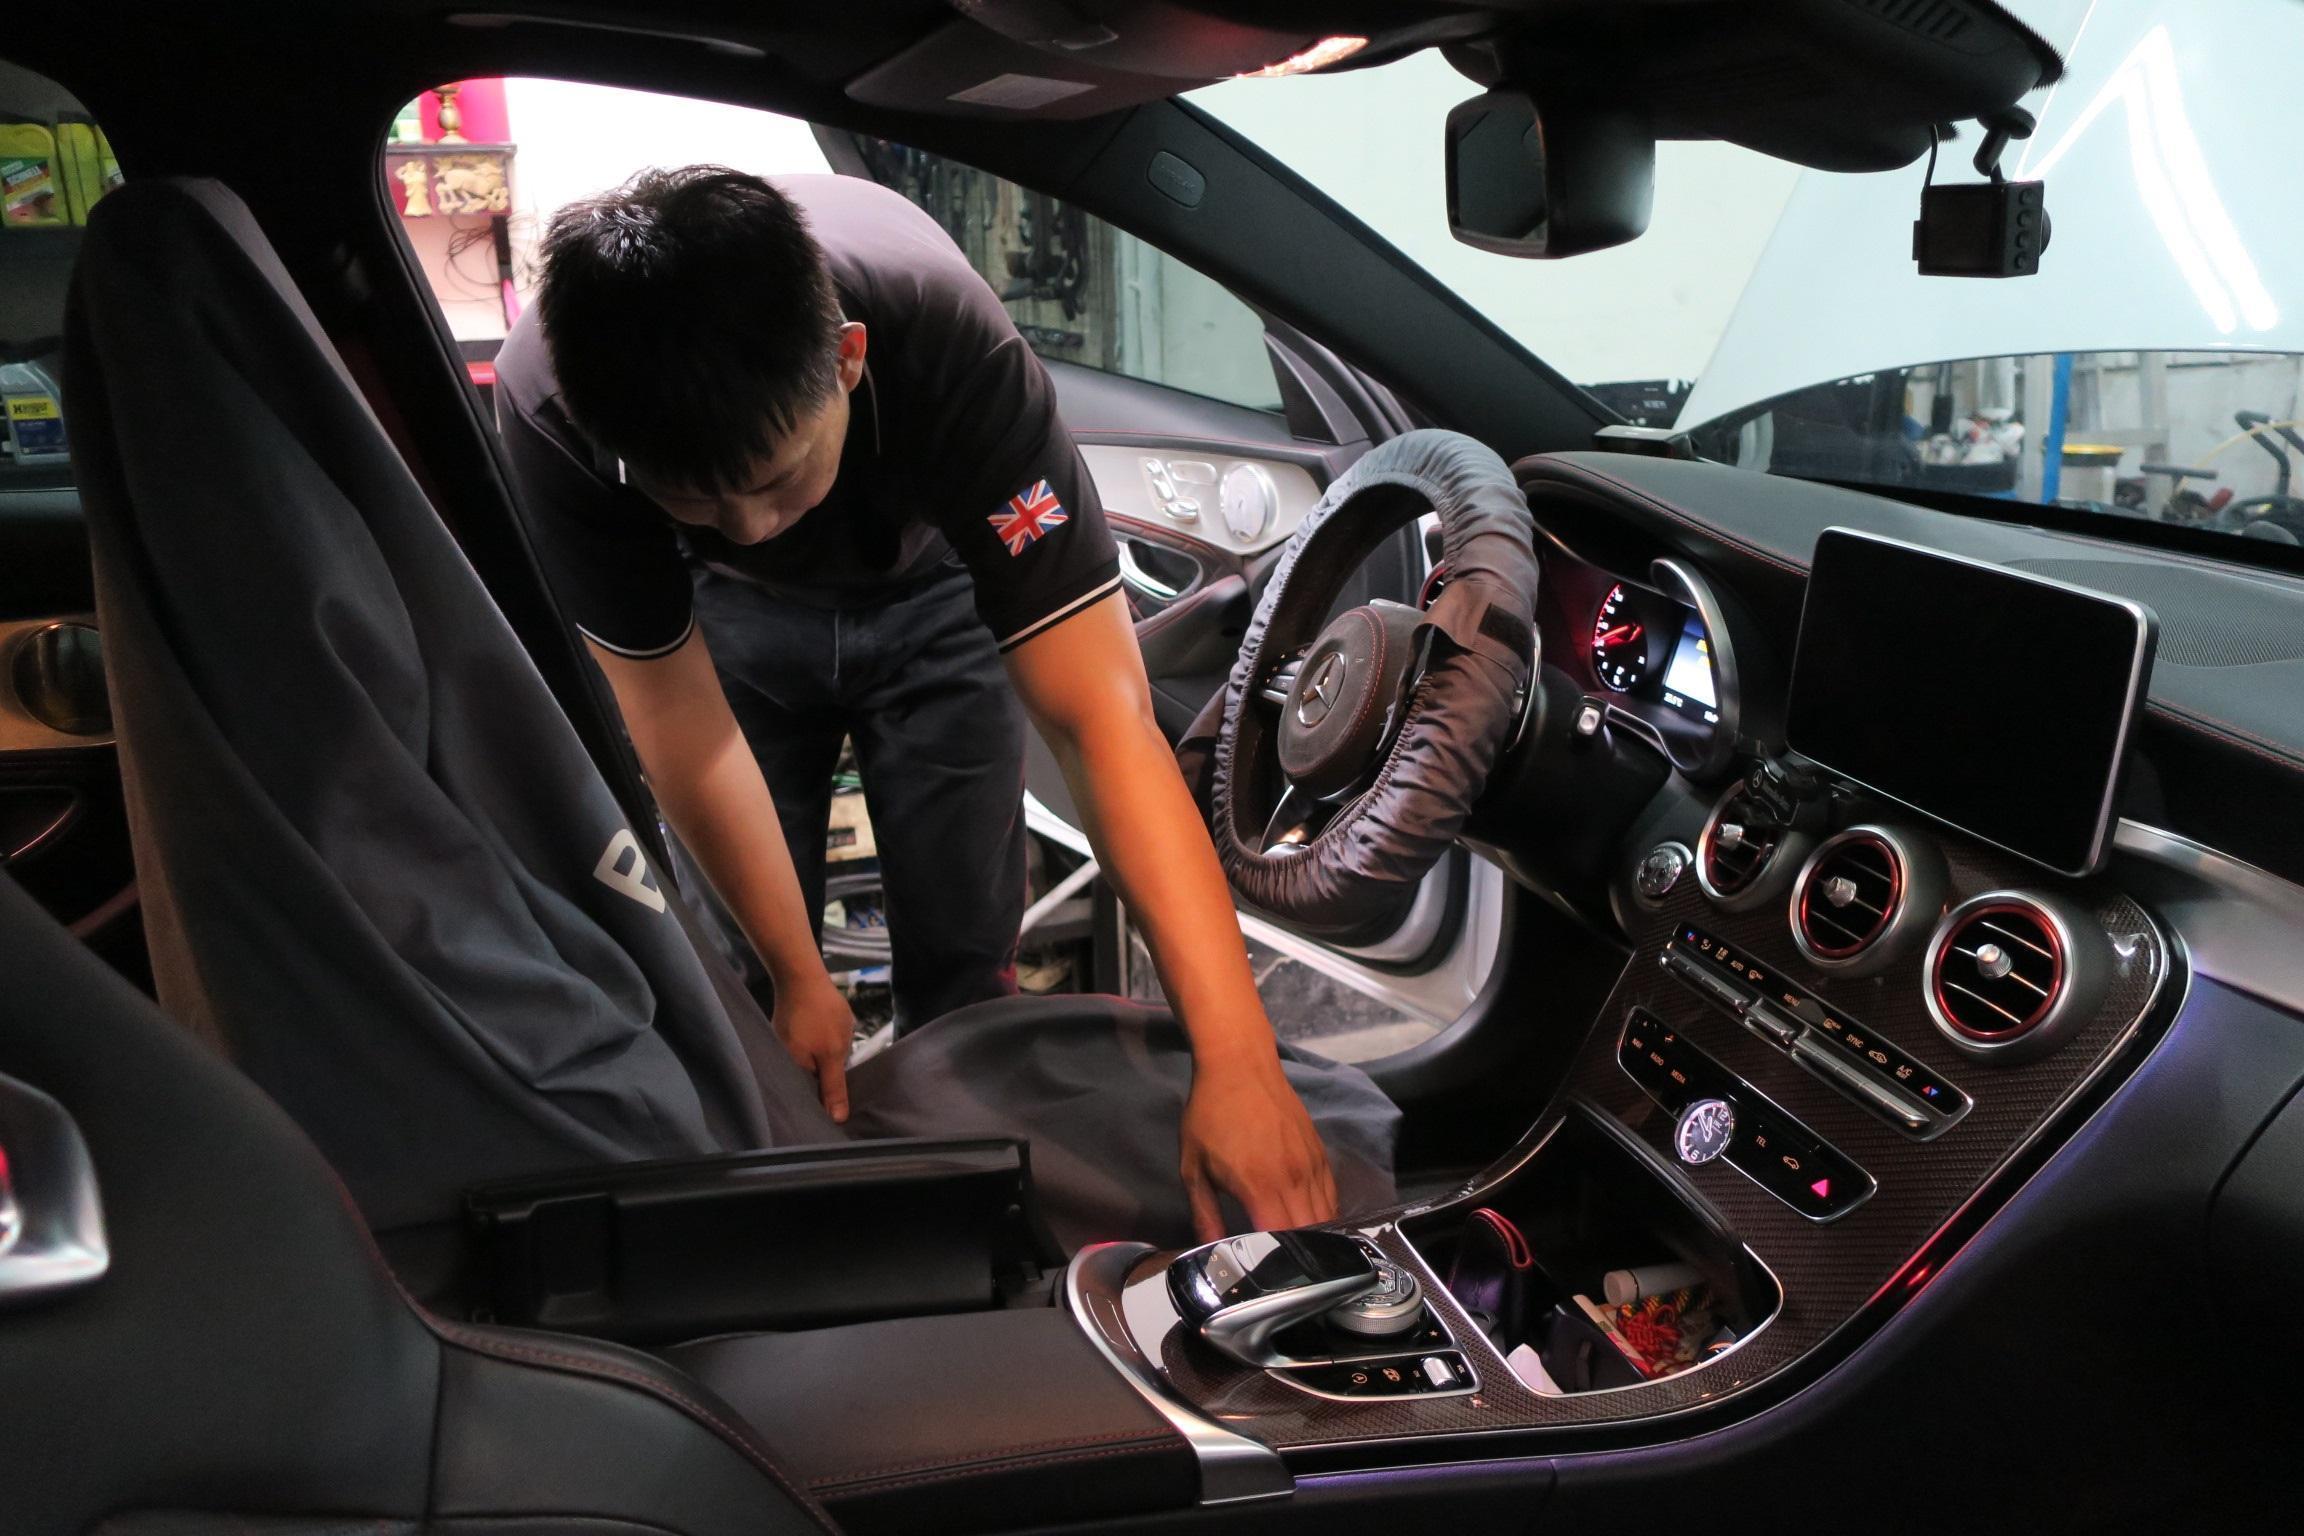 台北華成汽車進廠車輛都會鋪上防汙套,所有流程都按照賓士原廠規格進行